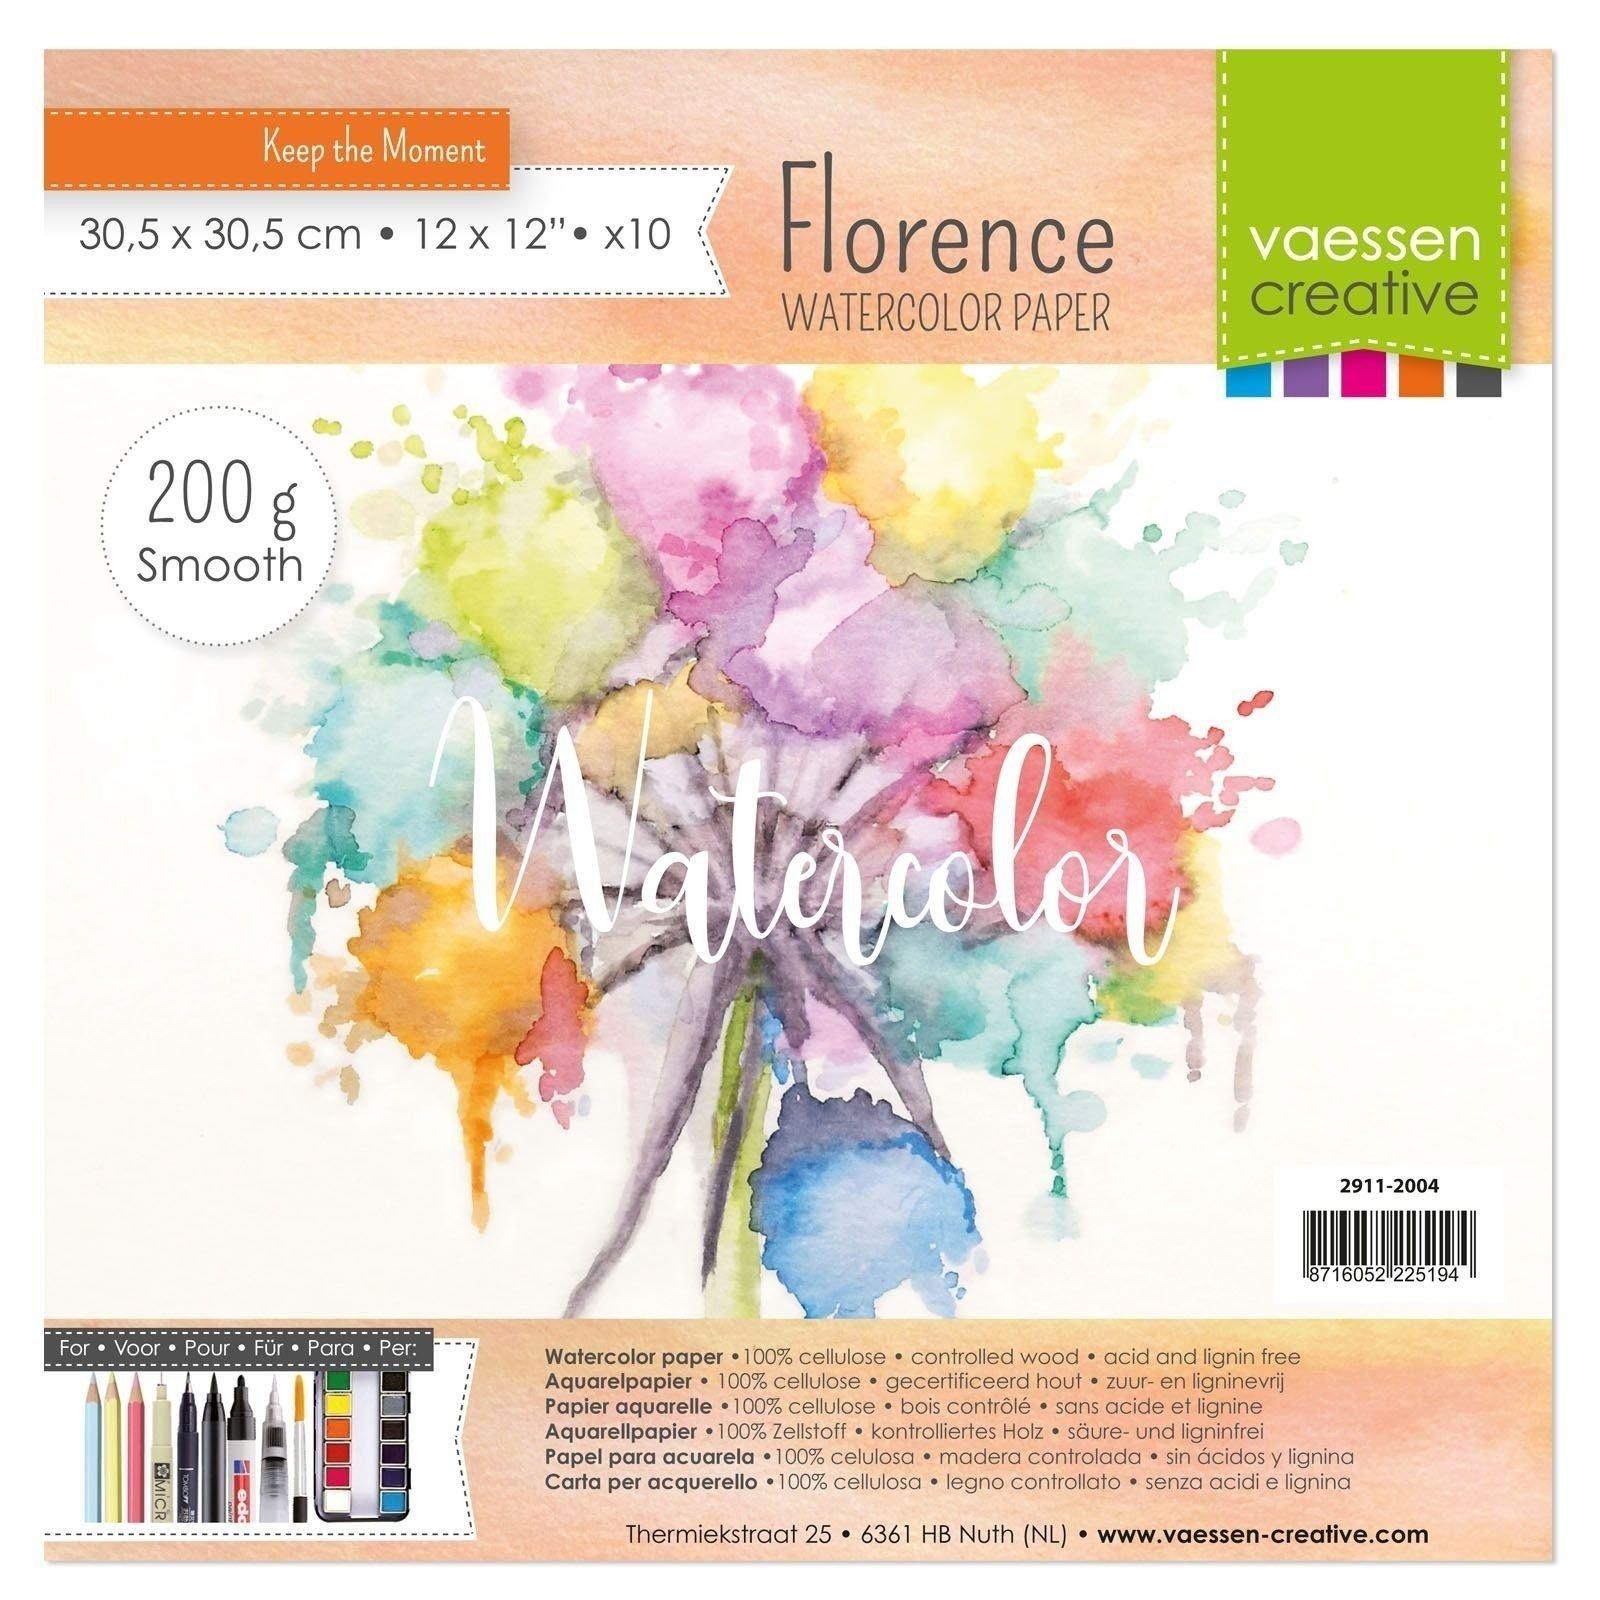 Papiers aquarelle - 30x30 - 200gr - Florence - Vaessen Creative